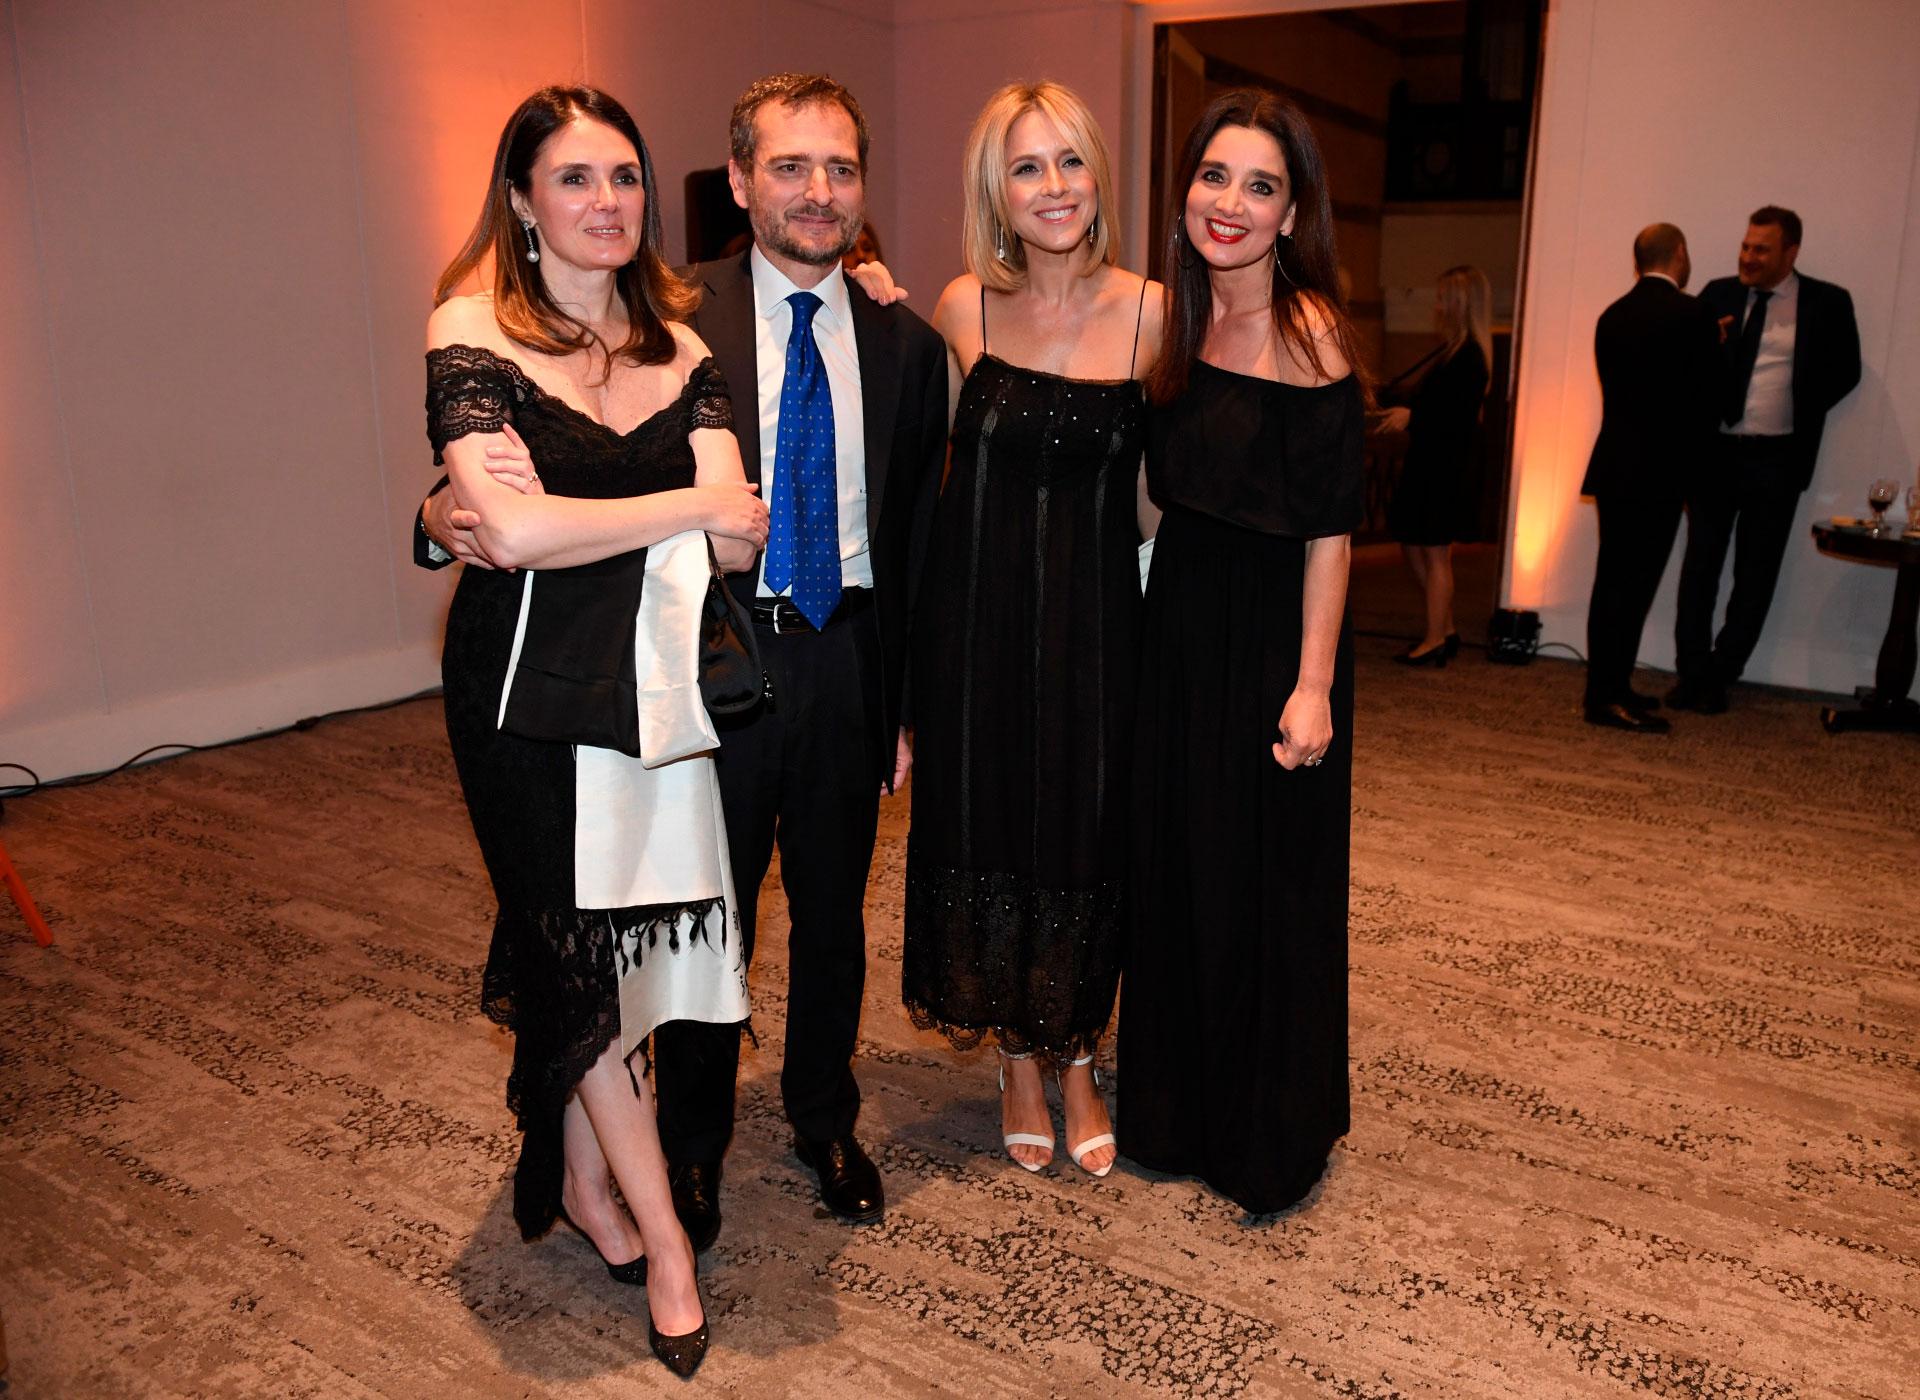 El cónsul italiano y su mujer junto a Carla Peterson y Verónica Varano